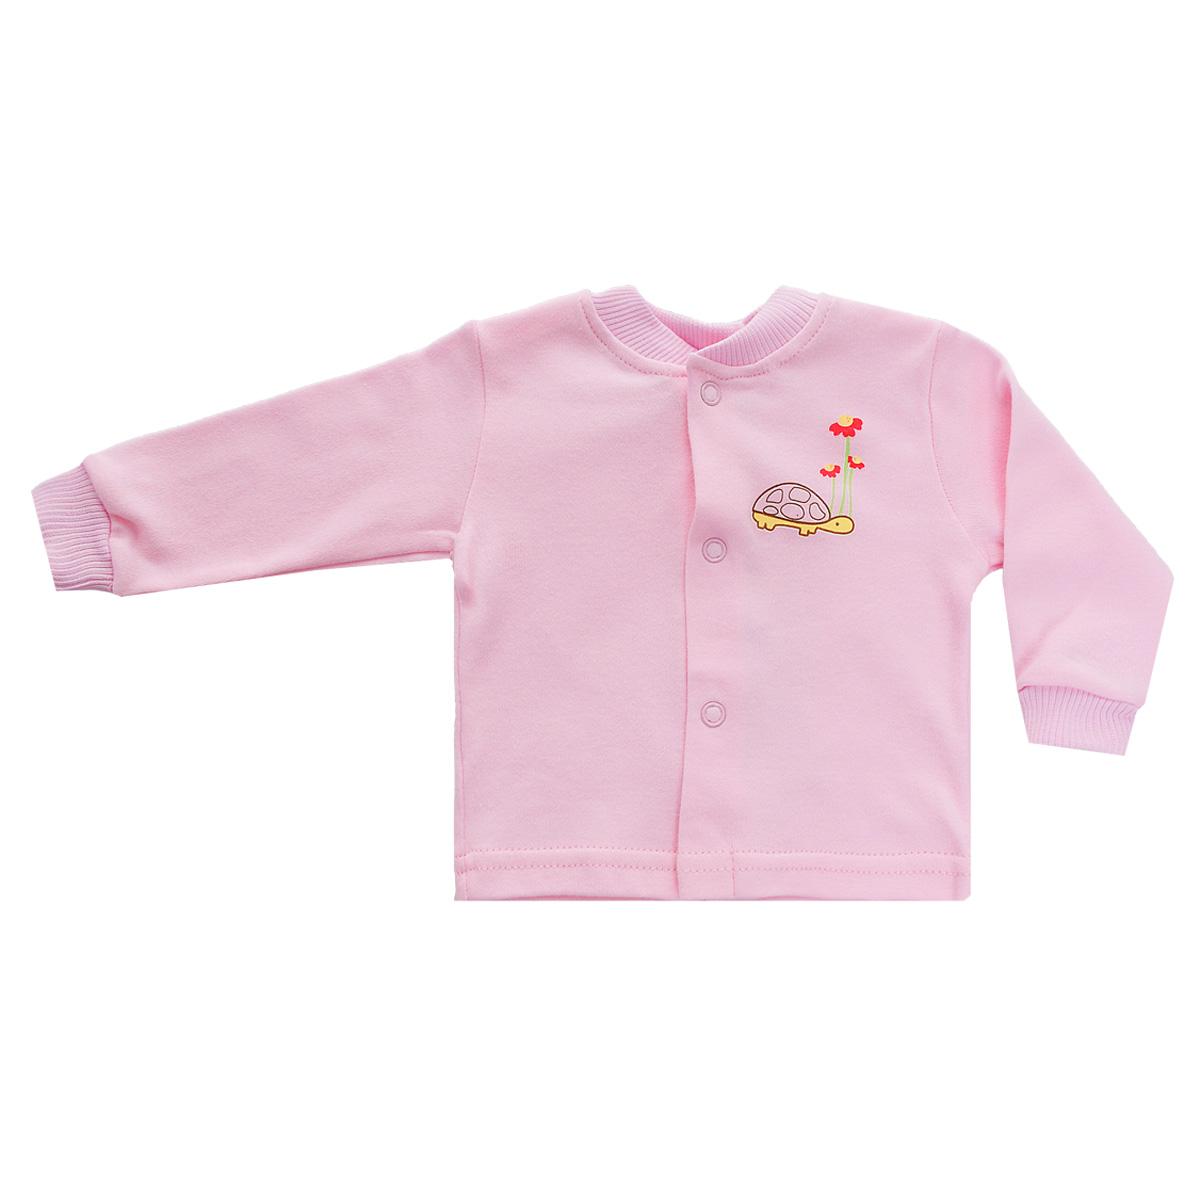 Кофточка детская Клякса, цвет: розовый. 37-261. Размер 56, 0-1 месяц37-261Кофточка для новорожденного Клякса послужит идеальным дополнением к гардеробу вашего ребенка, обеспечивая ему наибольший комфорт. Изготовленная из натурального хлопка, она необычайно мягкая и легкая, не раздражает нежную кожу ребенка и хорошо вентилируется, а эластичные швы приятны телу младенца и не препятствуют его движениям.Модель с длинными рукавами имеет круглый вырез горловины, дополненный мягкой трикотажной резинкой. Удобные застежки-кнопки по всей длине помогают легко переодеть ребенка. На рукавах предусмотрены трикотажные манжеты, не пережимающие ручки. Изделие оформлено оригинальным принтом с изображением забавных животных. Кофточка полностью соответствует особенностям жизни младенца в ранний период, не стесняя и не ограничивая его в движениях. В ней ваш ребенок всегда будет в центре внимания.